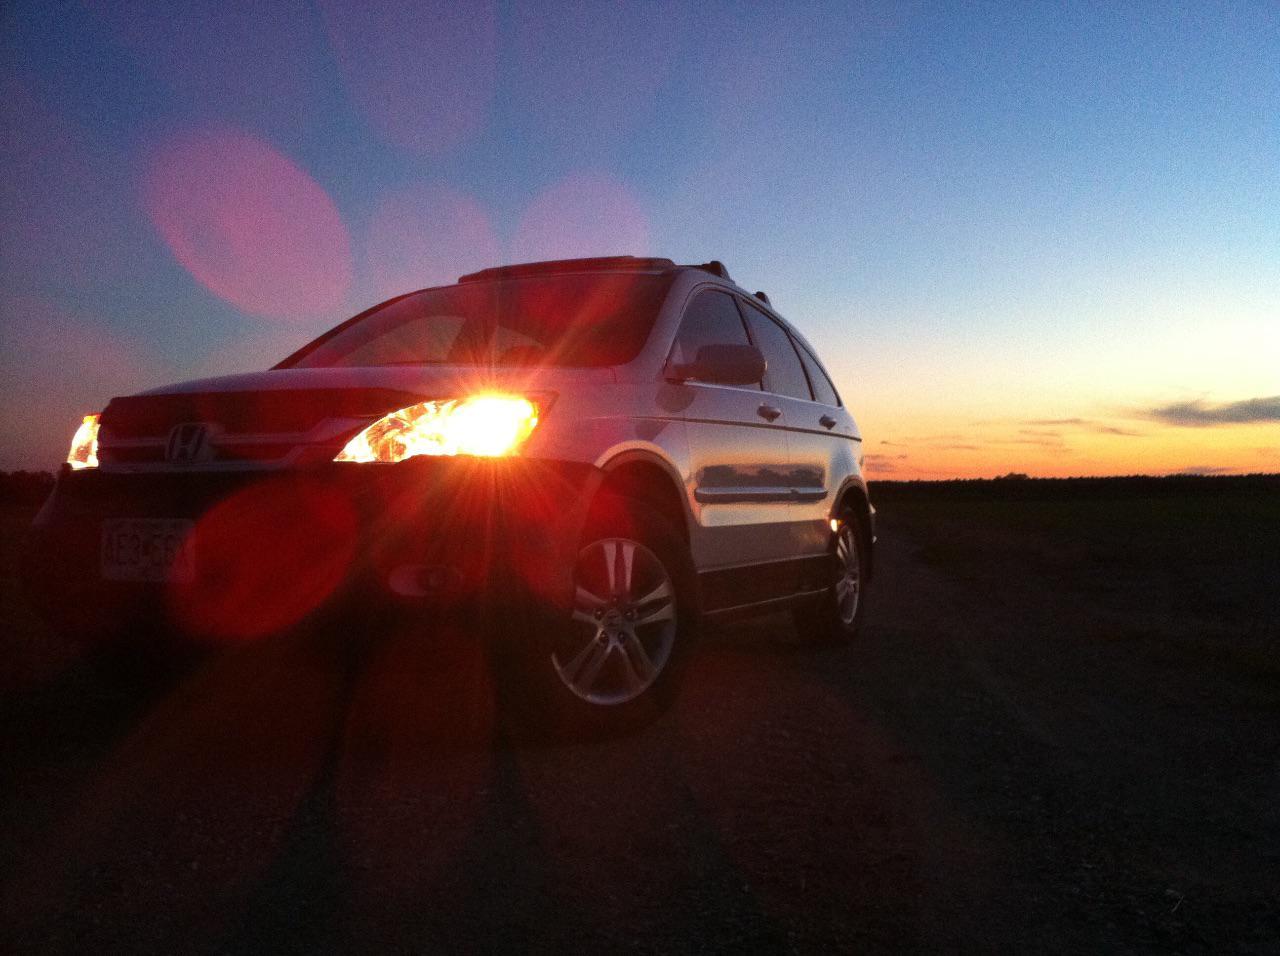 CR-V Sunset